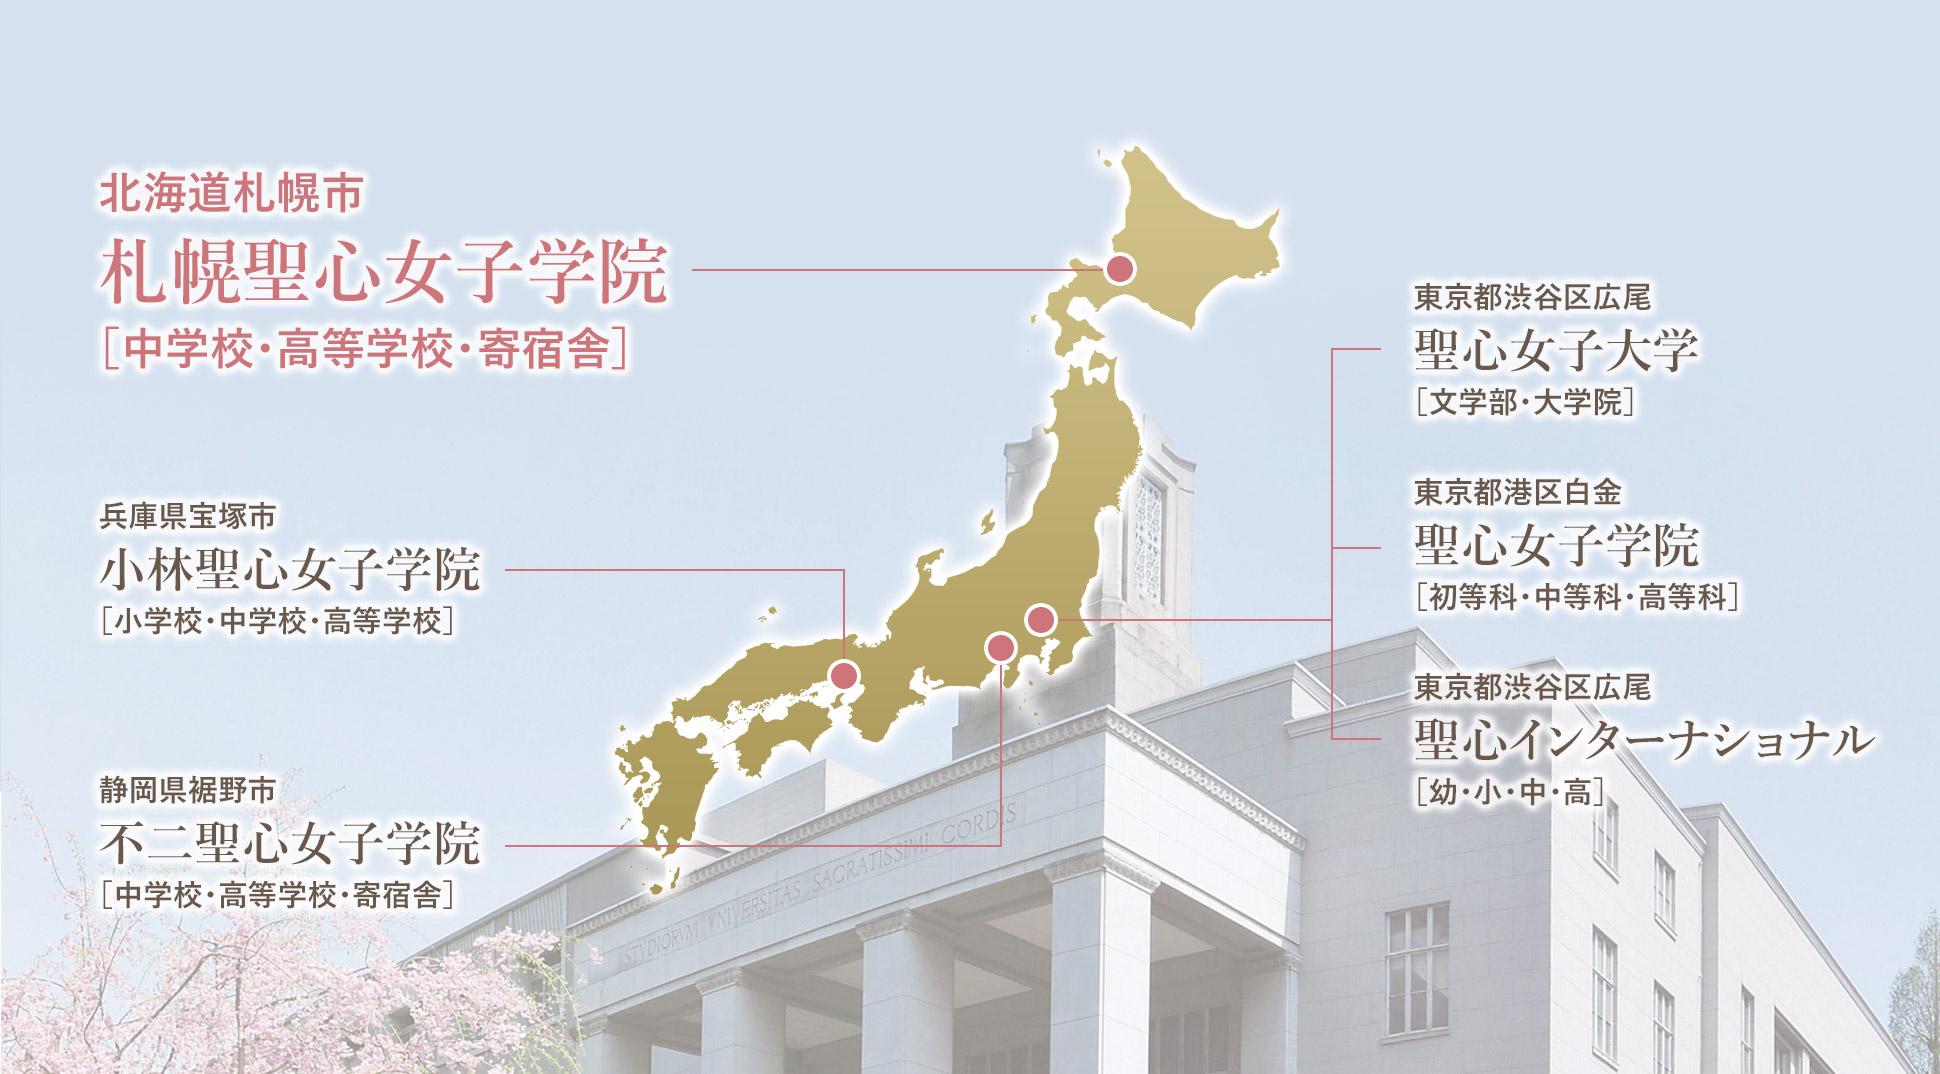 聖心ネットワーク|学校紹介|札幌聖心女子学院 中学校・高等学校